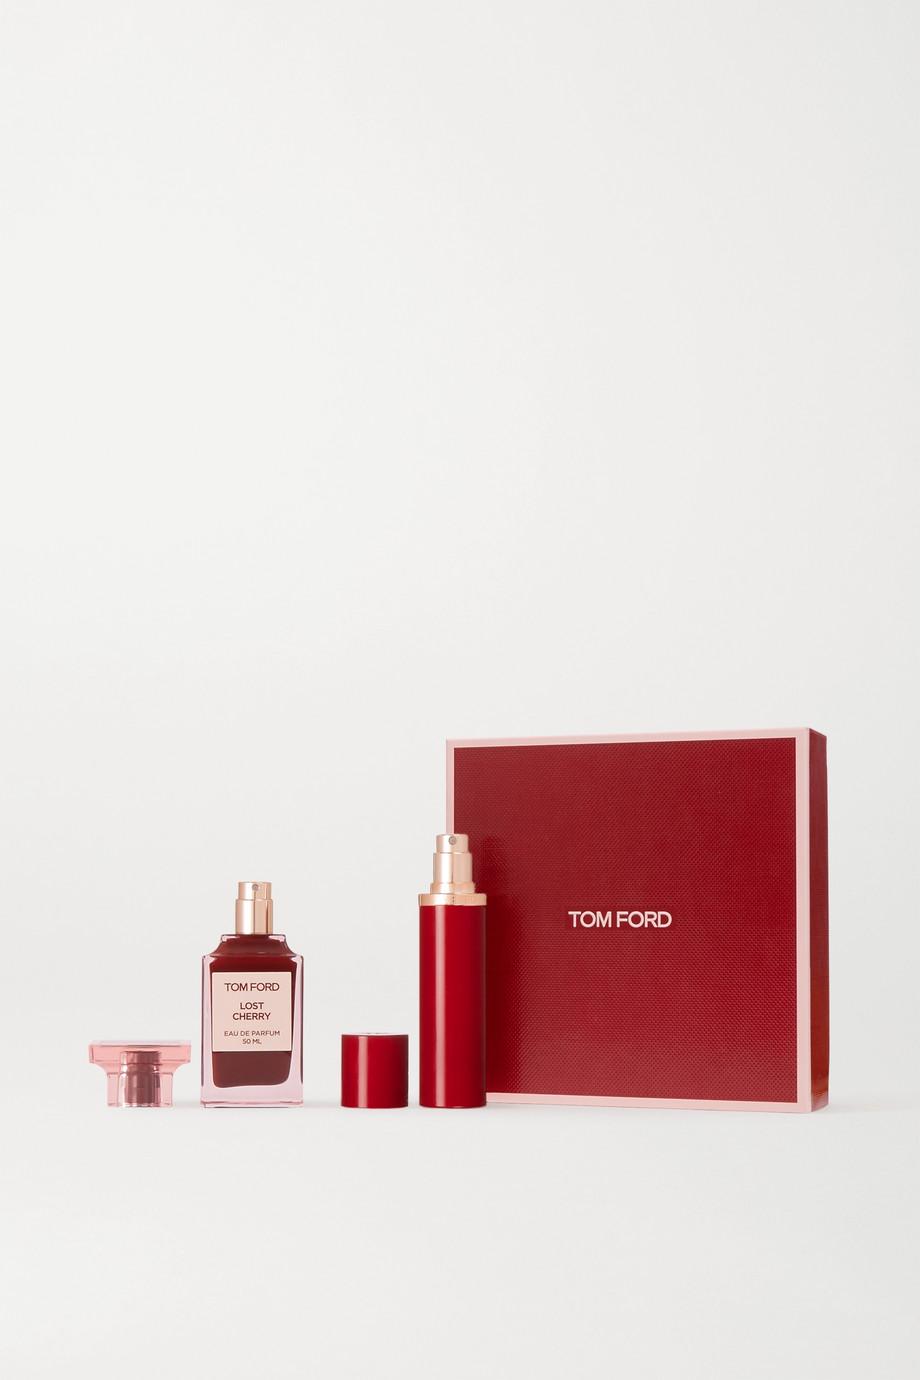 TOM FORD BEAUTY Coffret d'eaux de parfum Lost Cherry, 50 ml et 10 ml